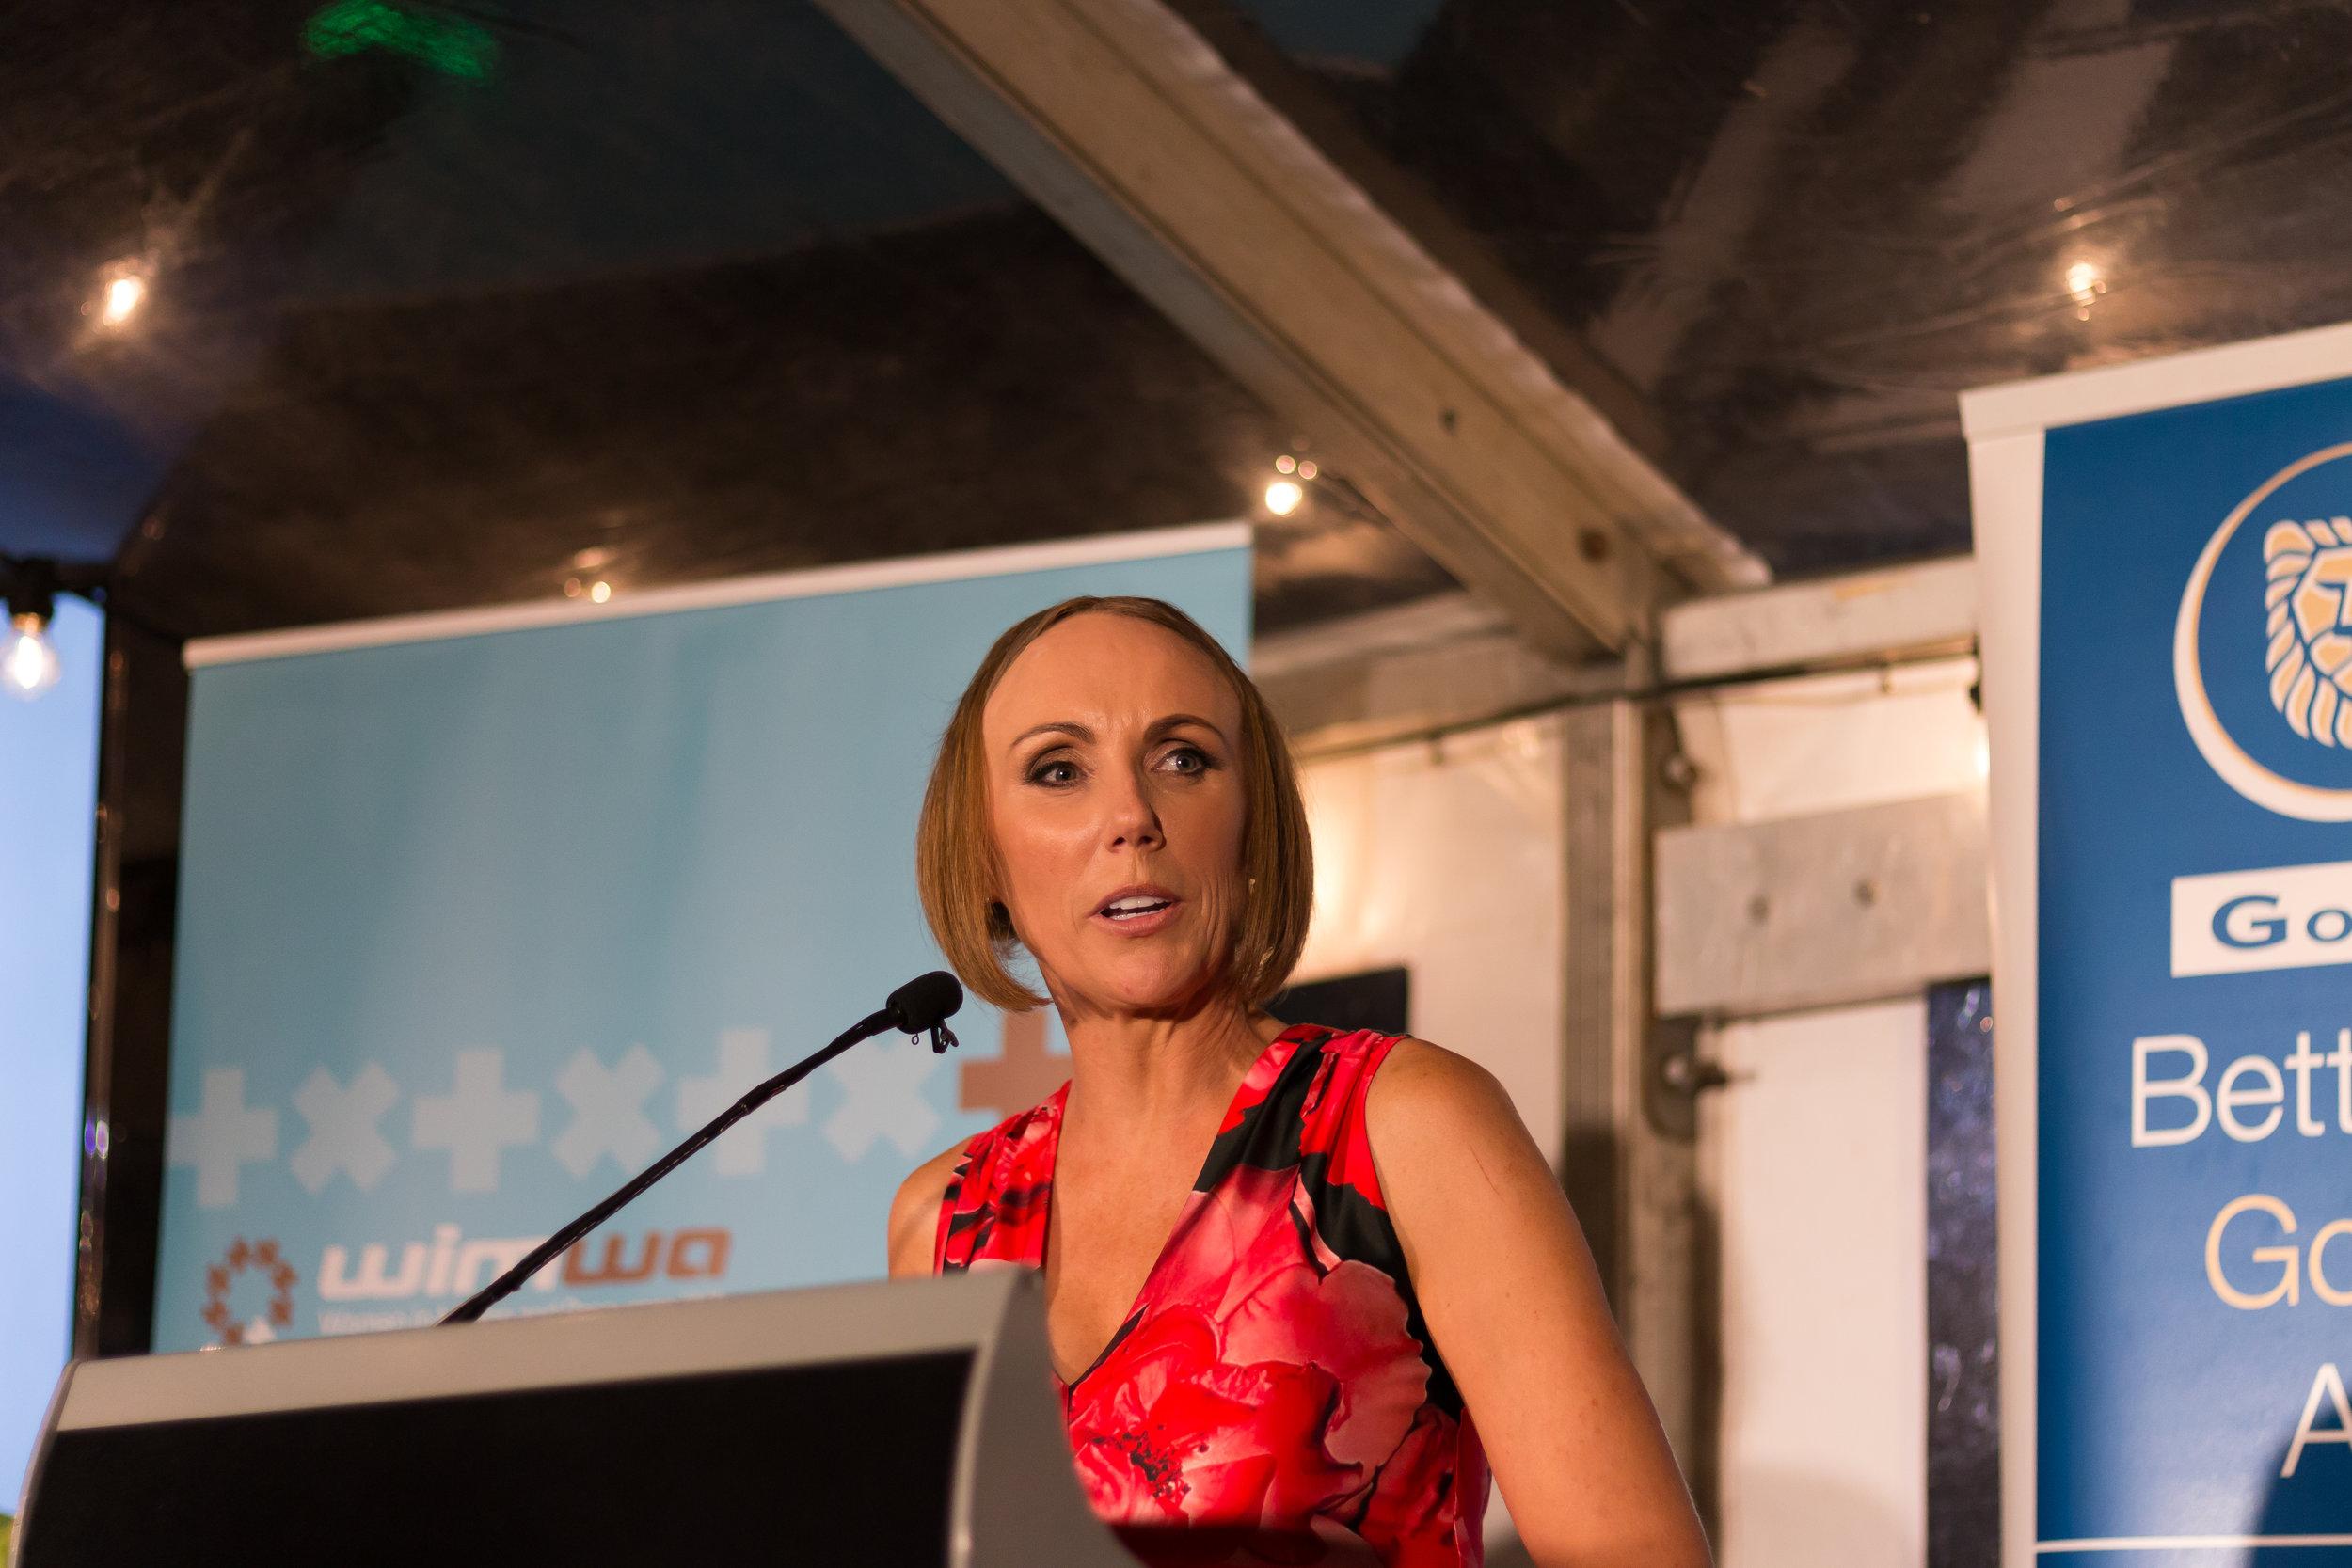 Career Acceleration Expert and Author Katie-Jeyn Romeyn